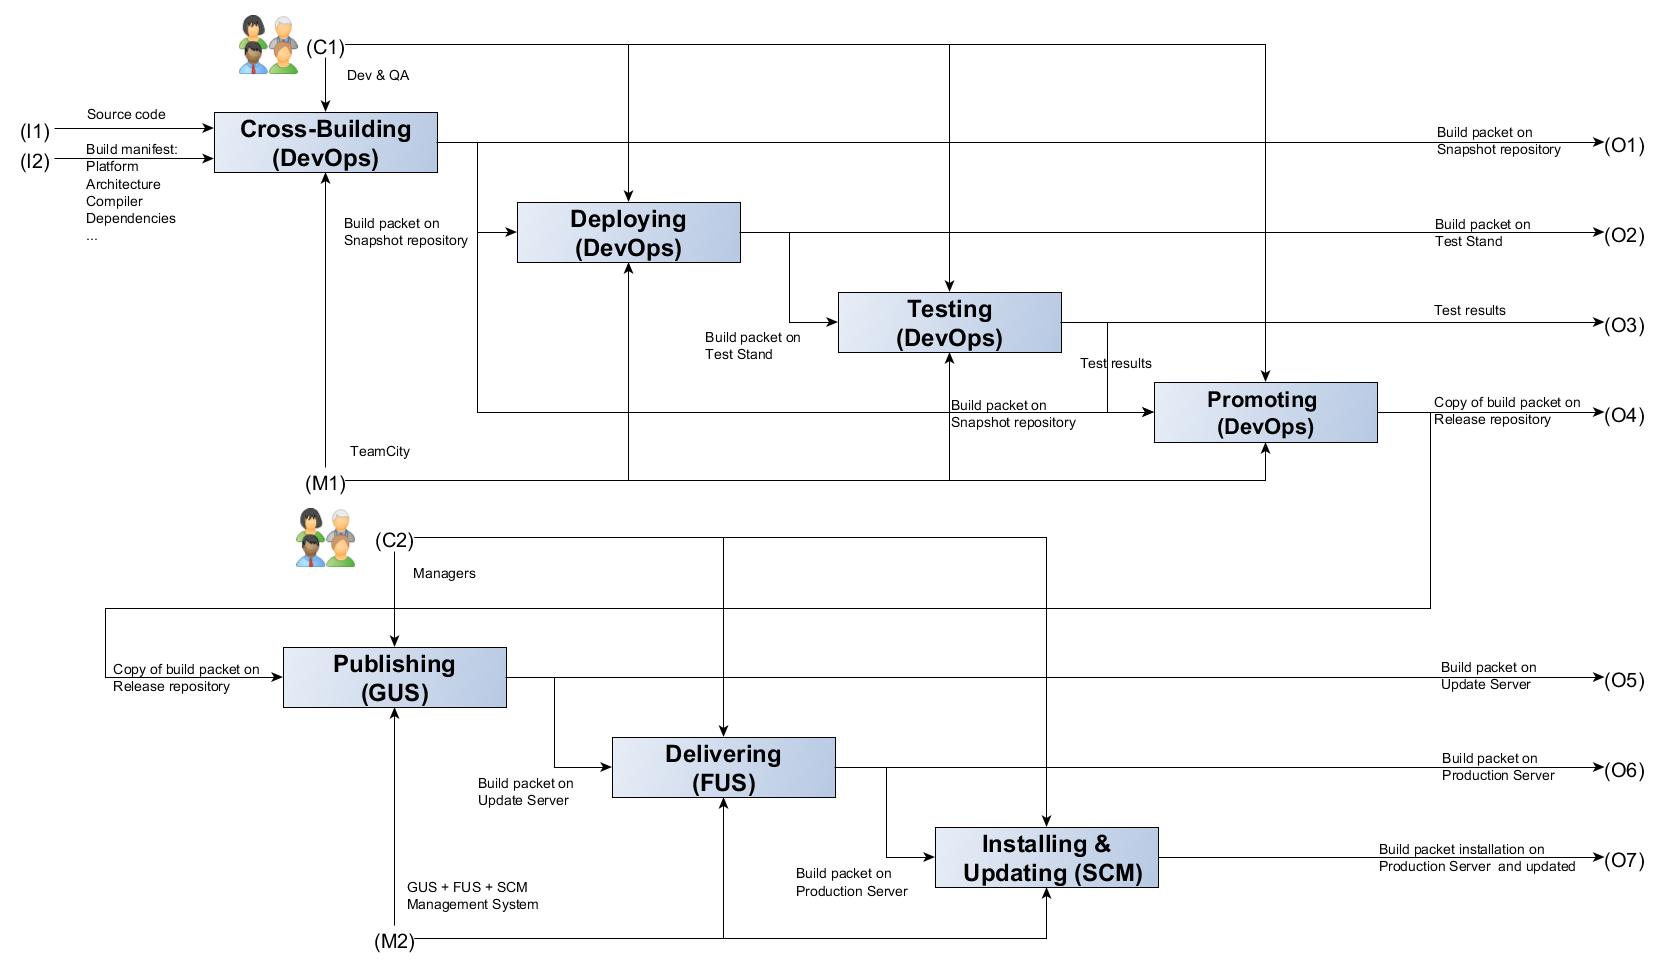 Автоматизация процессов разработки: как мы в Positive Technologies внедряли идеи DevOps - 3